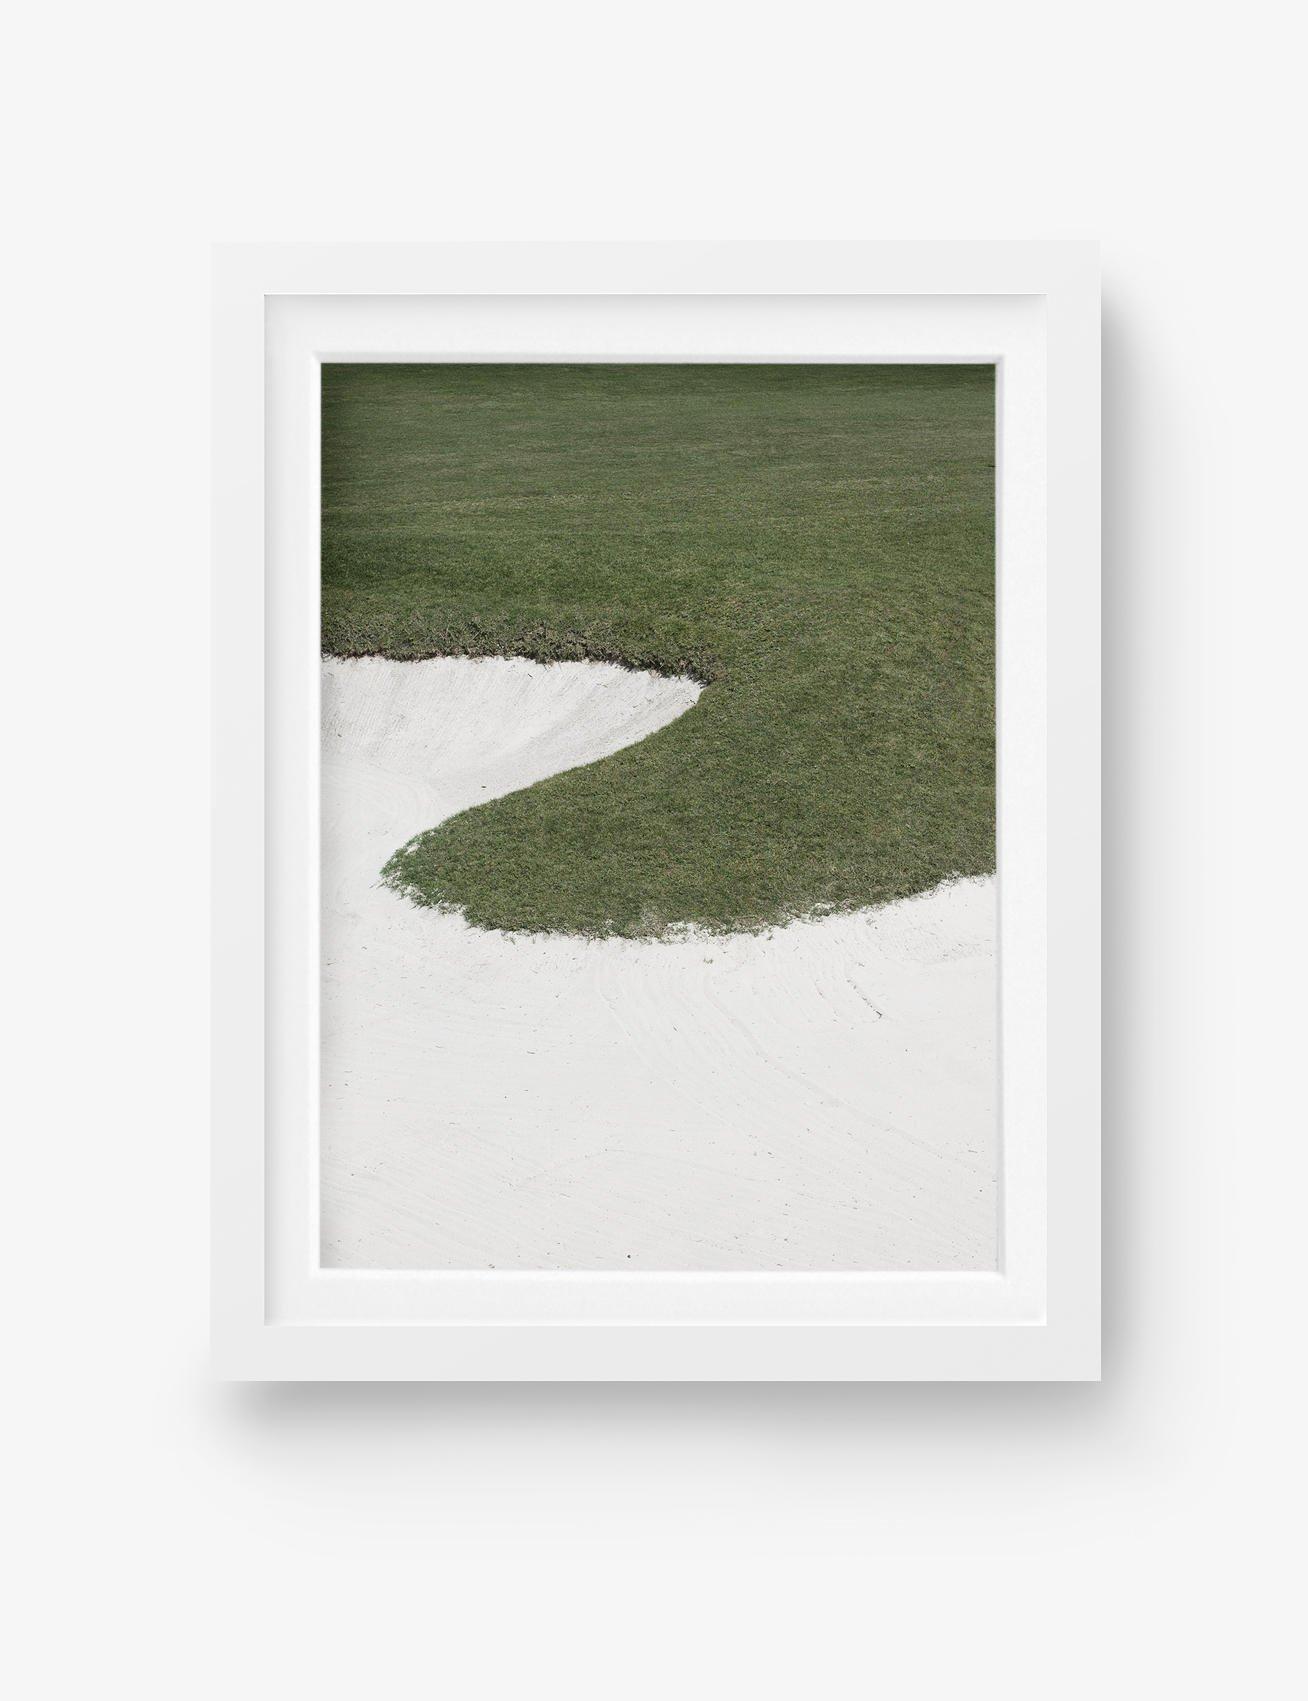 Tirage_Louise_Lsaviero_6_Golf2